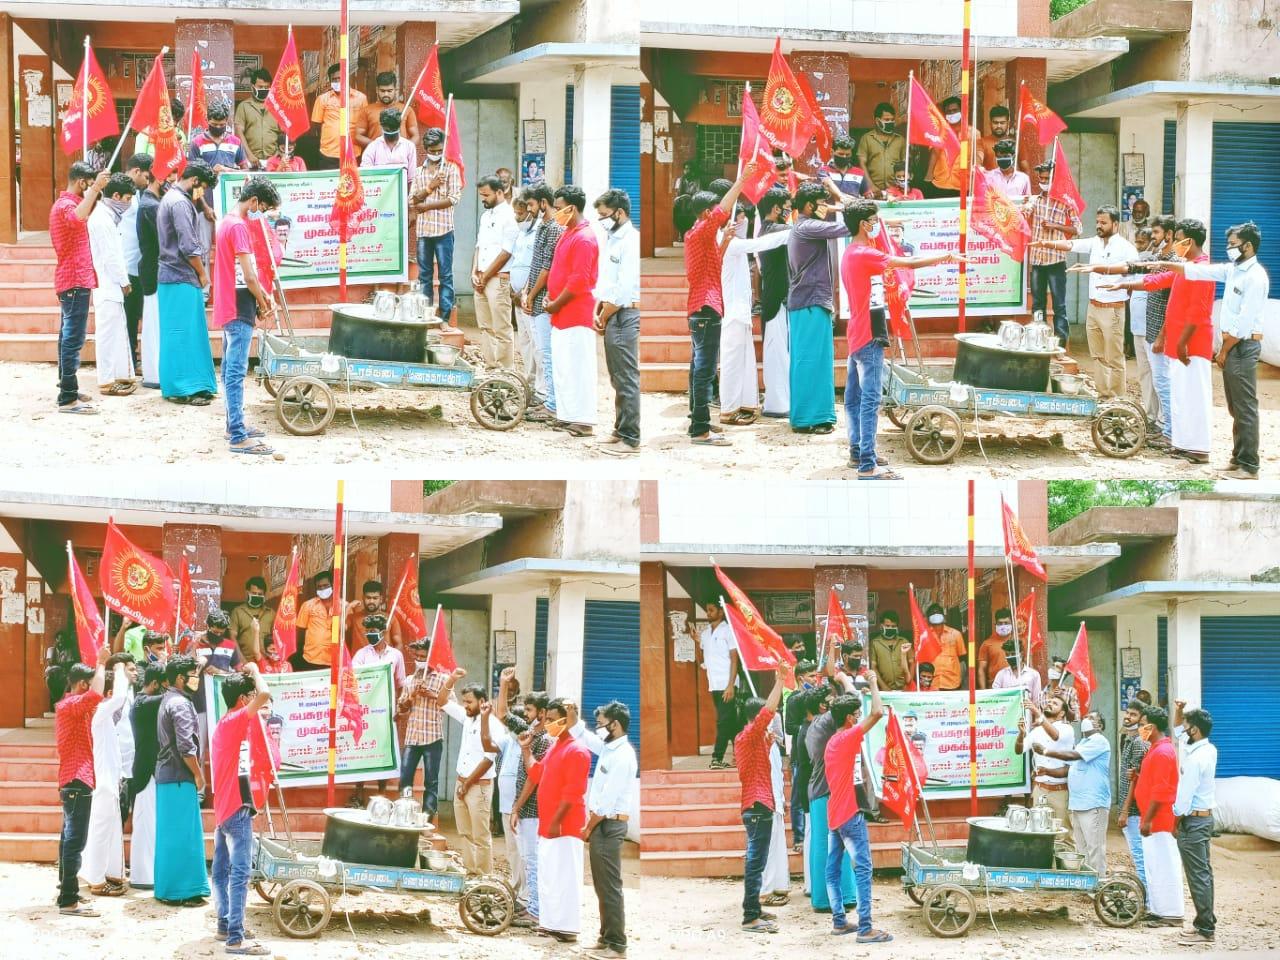 கொரோனோ நிவாரண பொருட்கள் வழங்குதல் - ஒட்டன்சத்திரம், பழனி